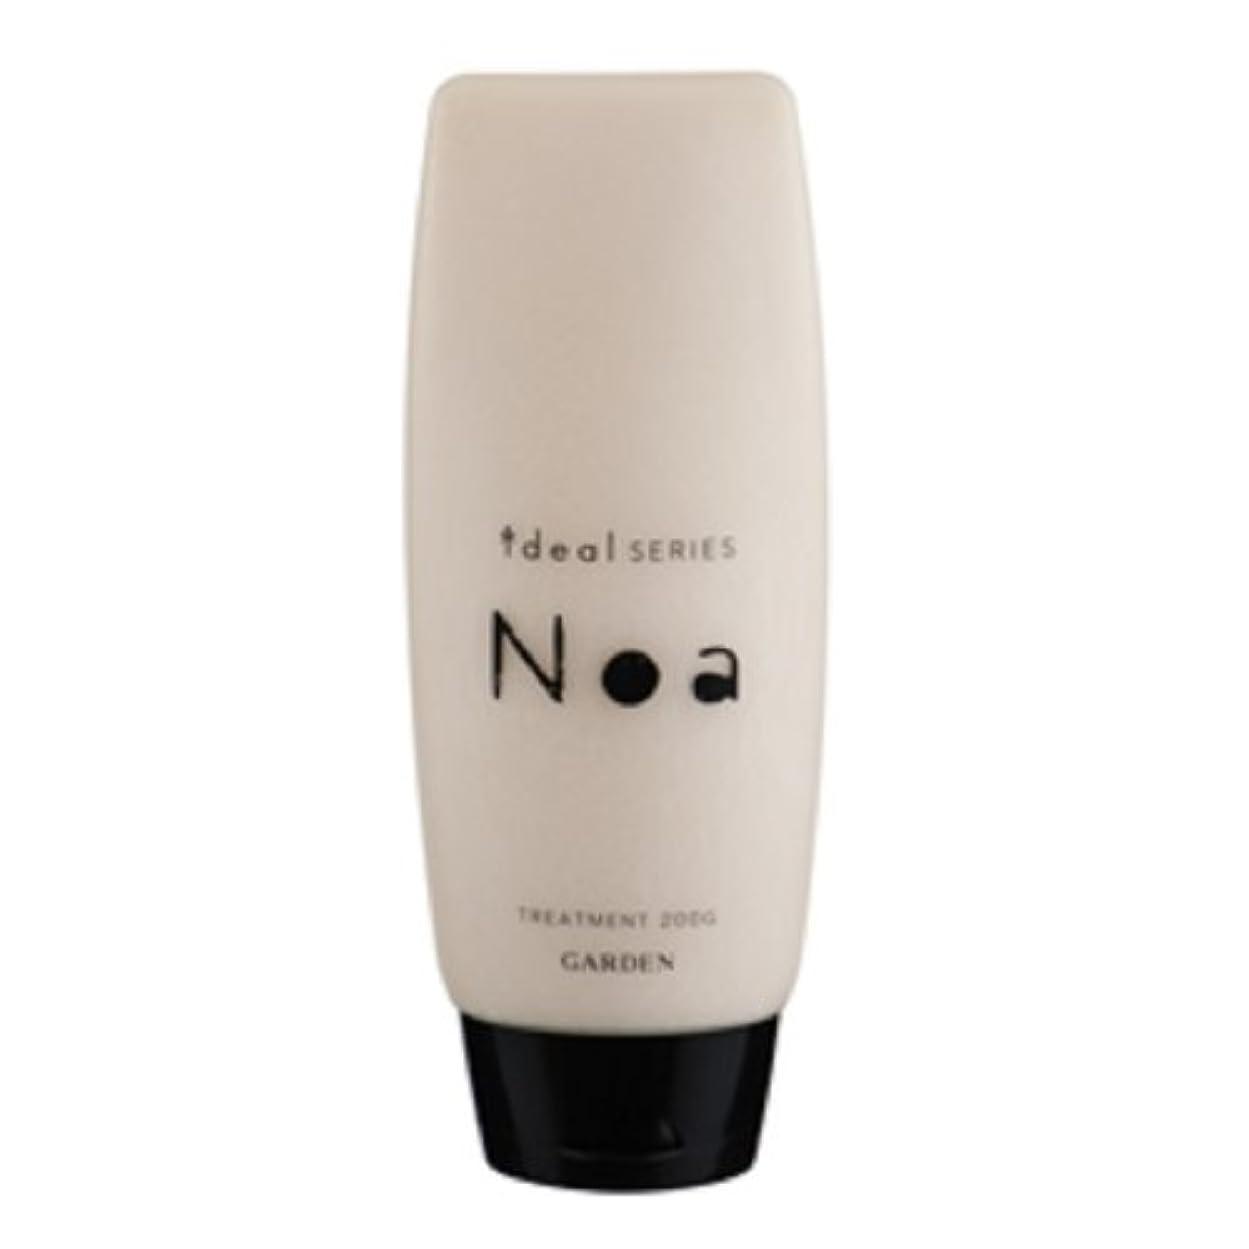 見て有毒なシマウマGARDEN ideal SERIES (イデアルシリーズ) Noa 天然シアバター配合 ノアトリートメント 200g